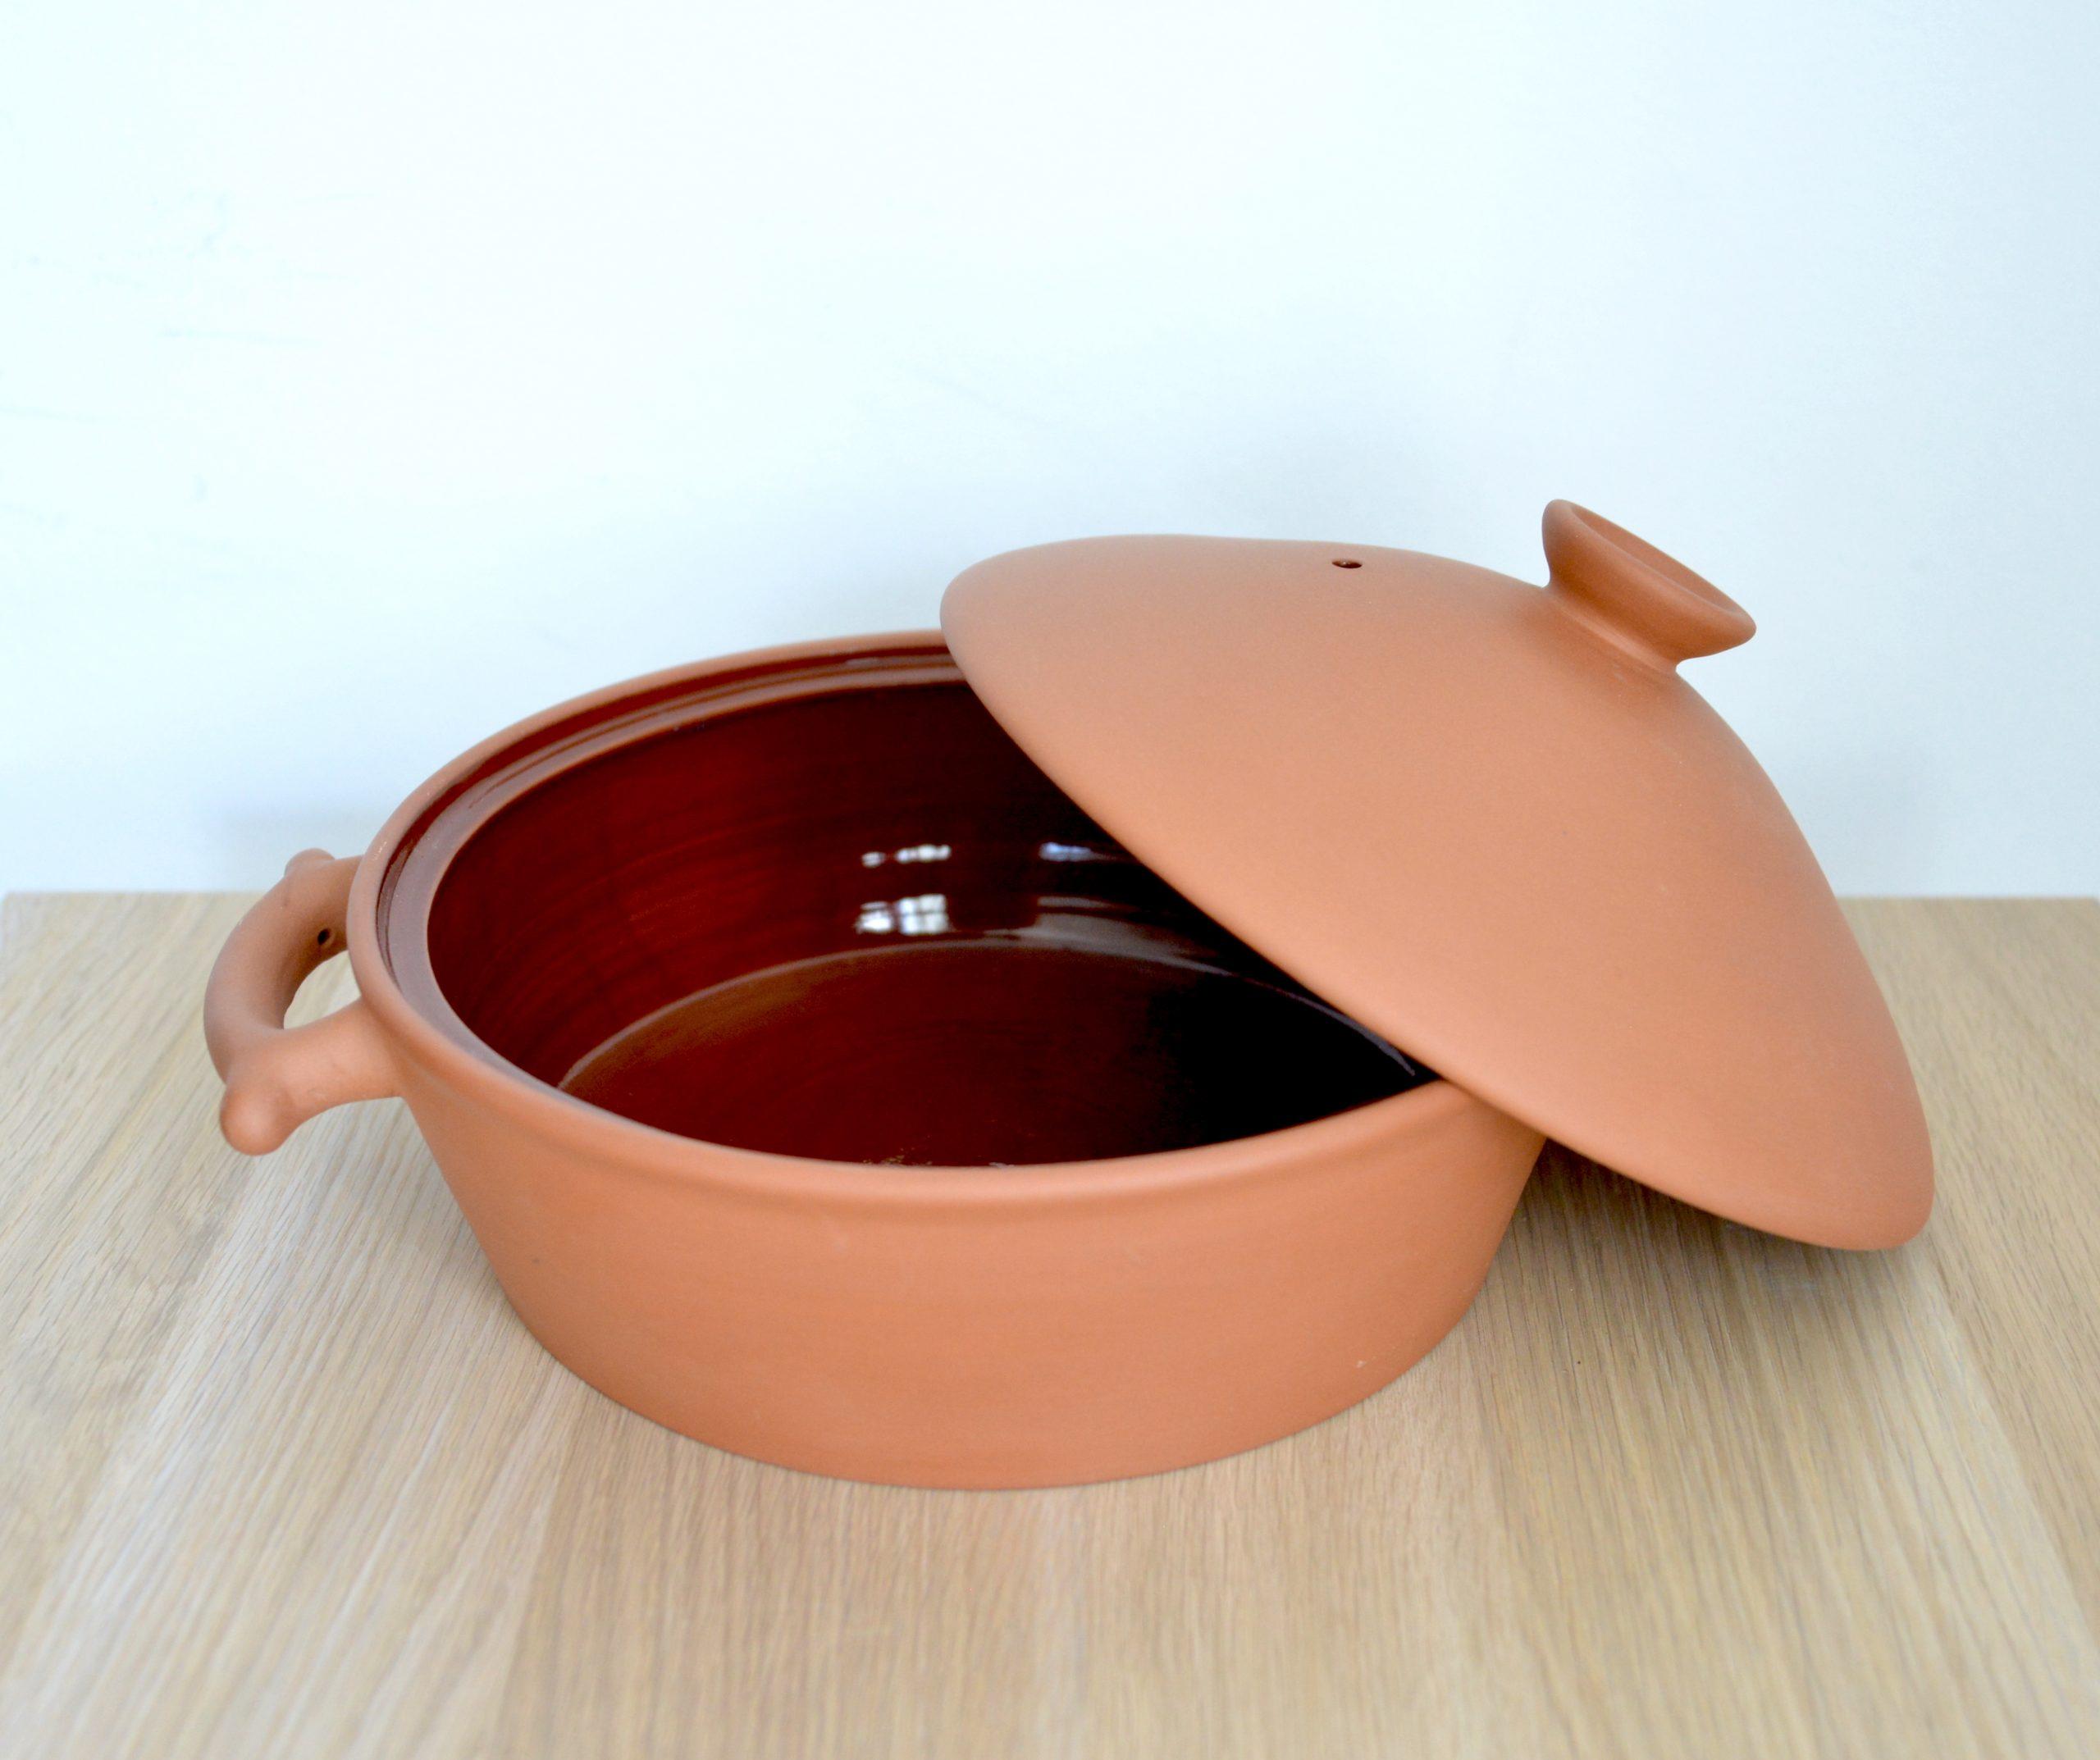 посуда из неглазурованной глины